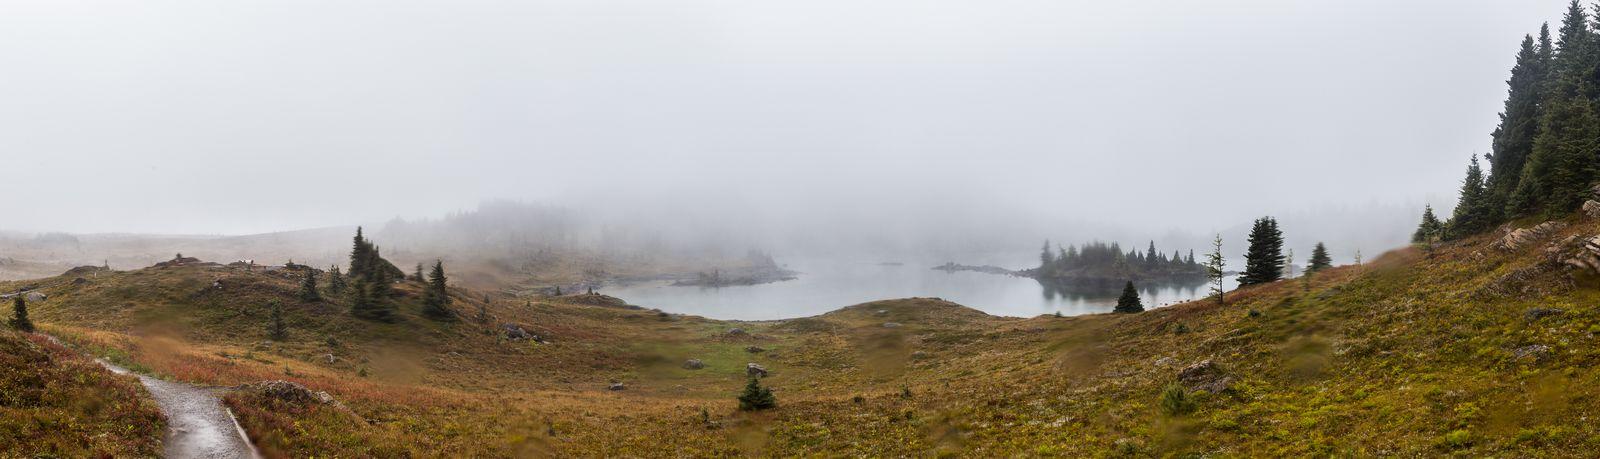 ... ya que la niebla, lejos de irse, comienza a descender